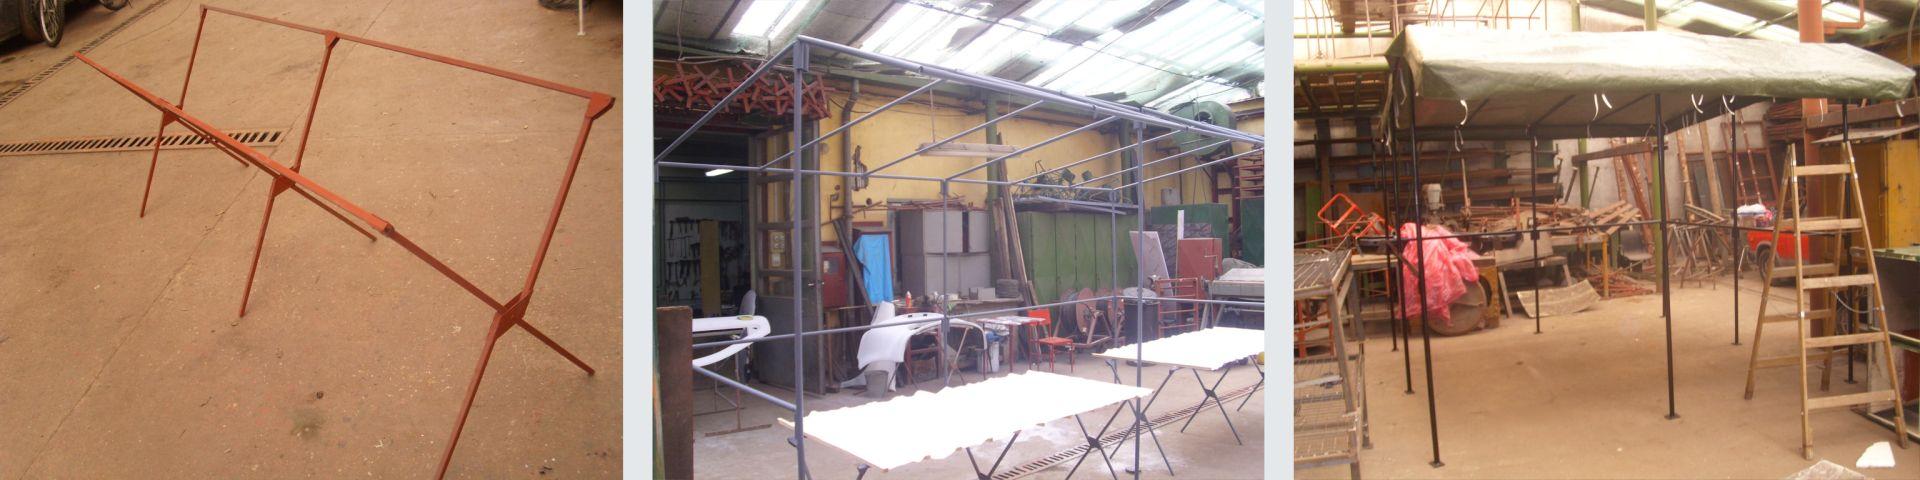 Szerkezetlakatos - Árusító sátor és piaci asztal készítés